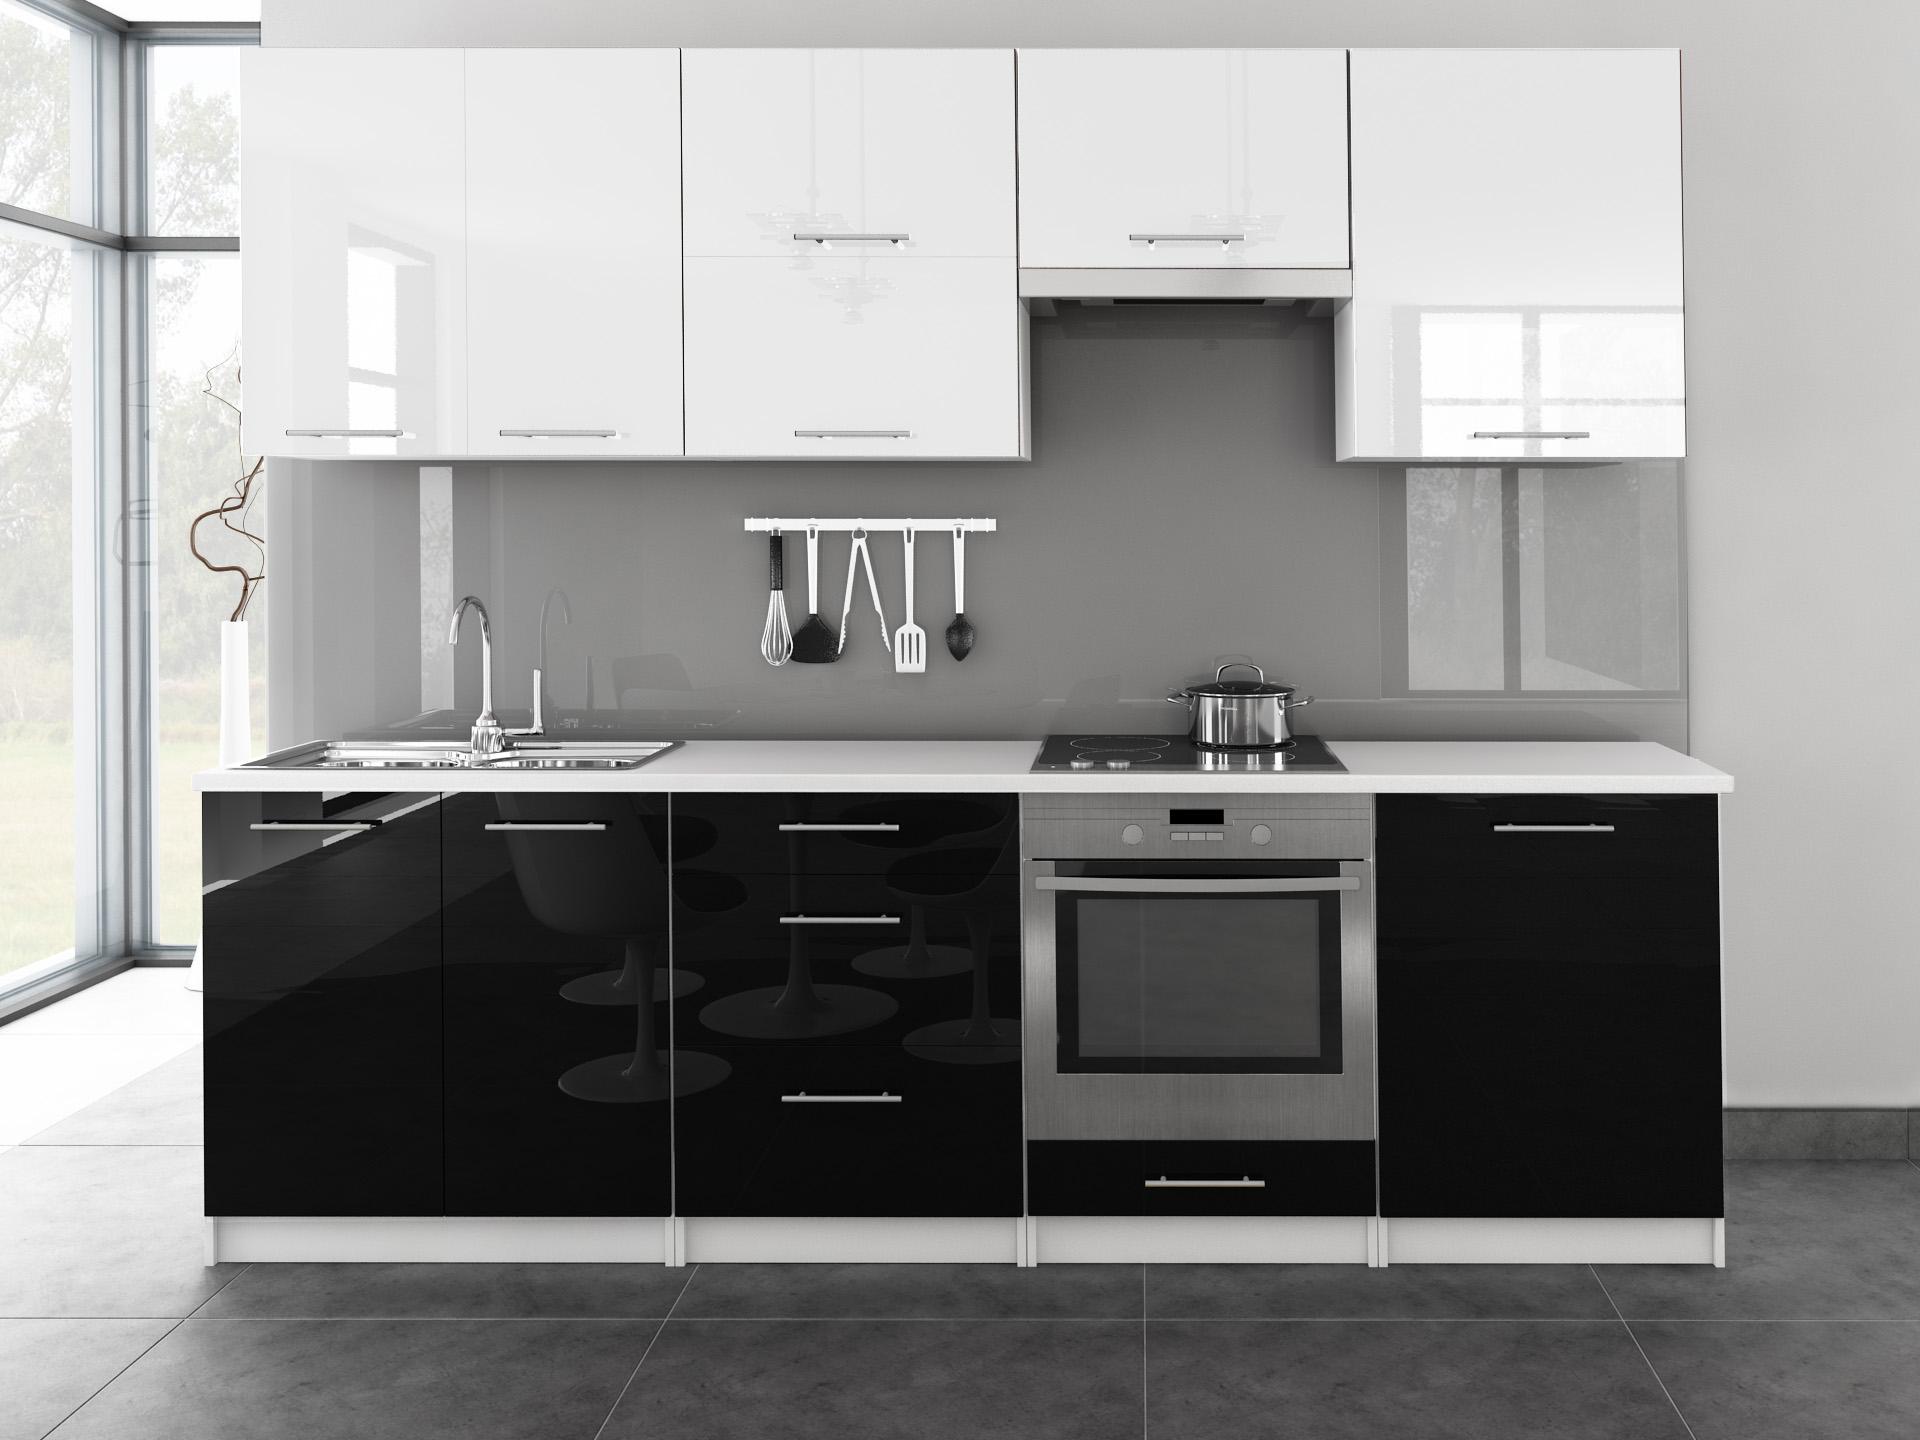 k chenzeile toro 260 cm farbwahl schwarz hochglanz mdf fronten k che reling ebay. Black Bedroom Furniture Sets. Home Design Ideas